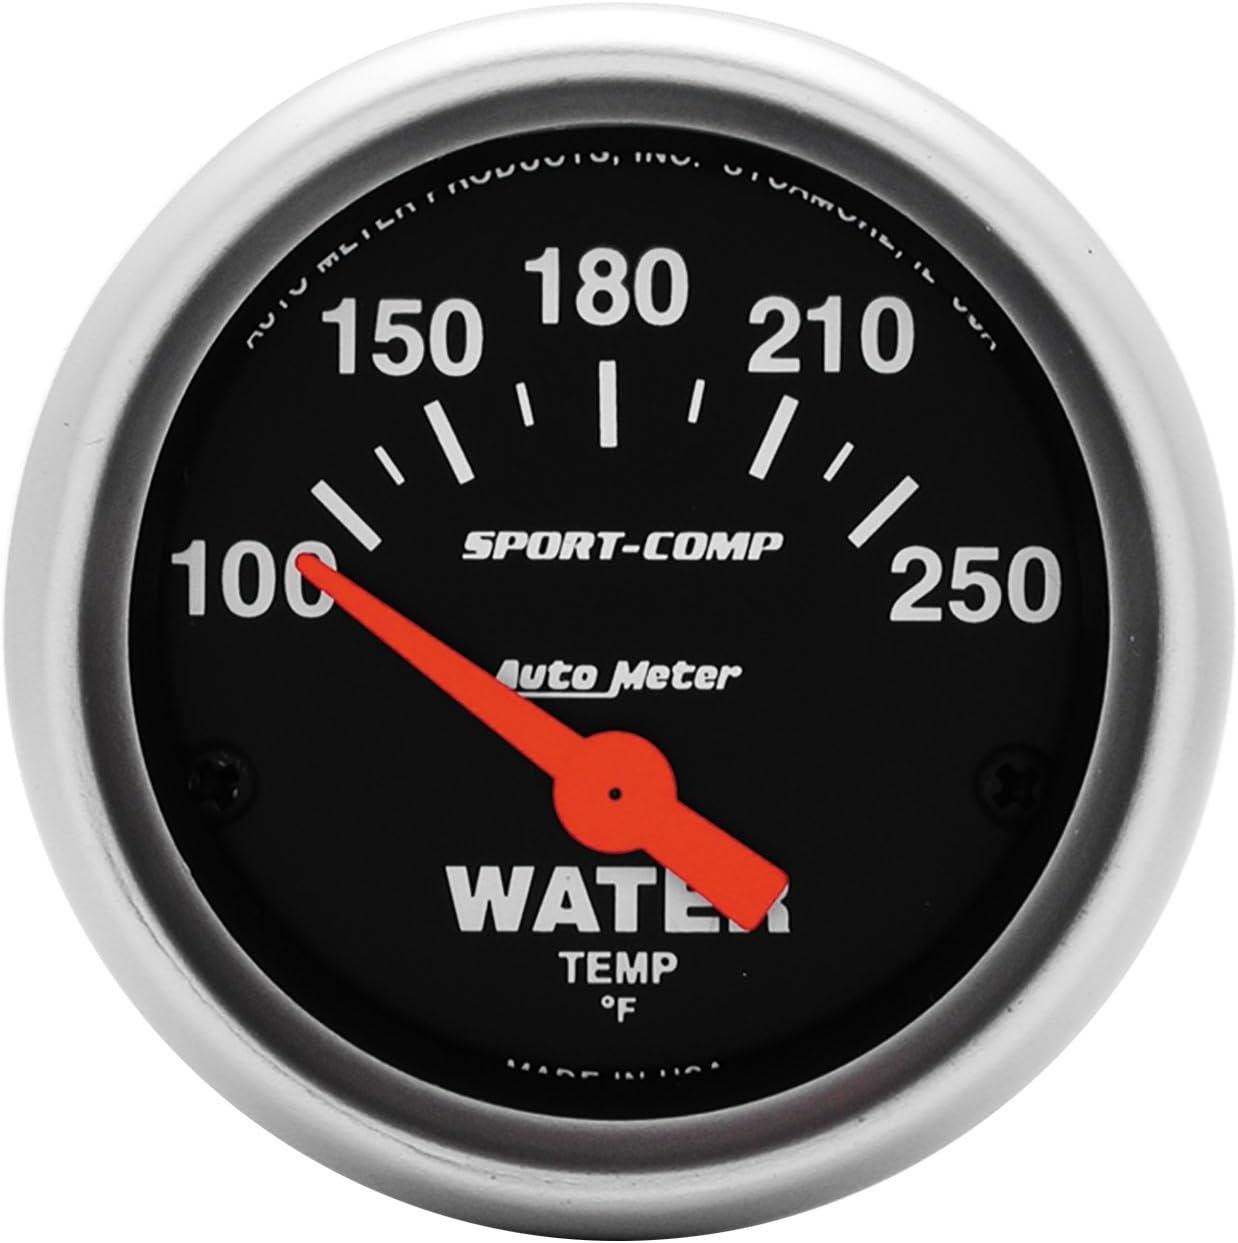 amazon com water temp gauges automotive autometer phantom gauges at night gauges car, truck, digital, racing